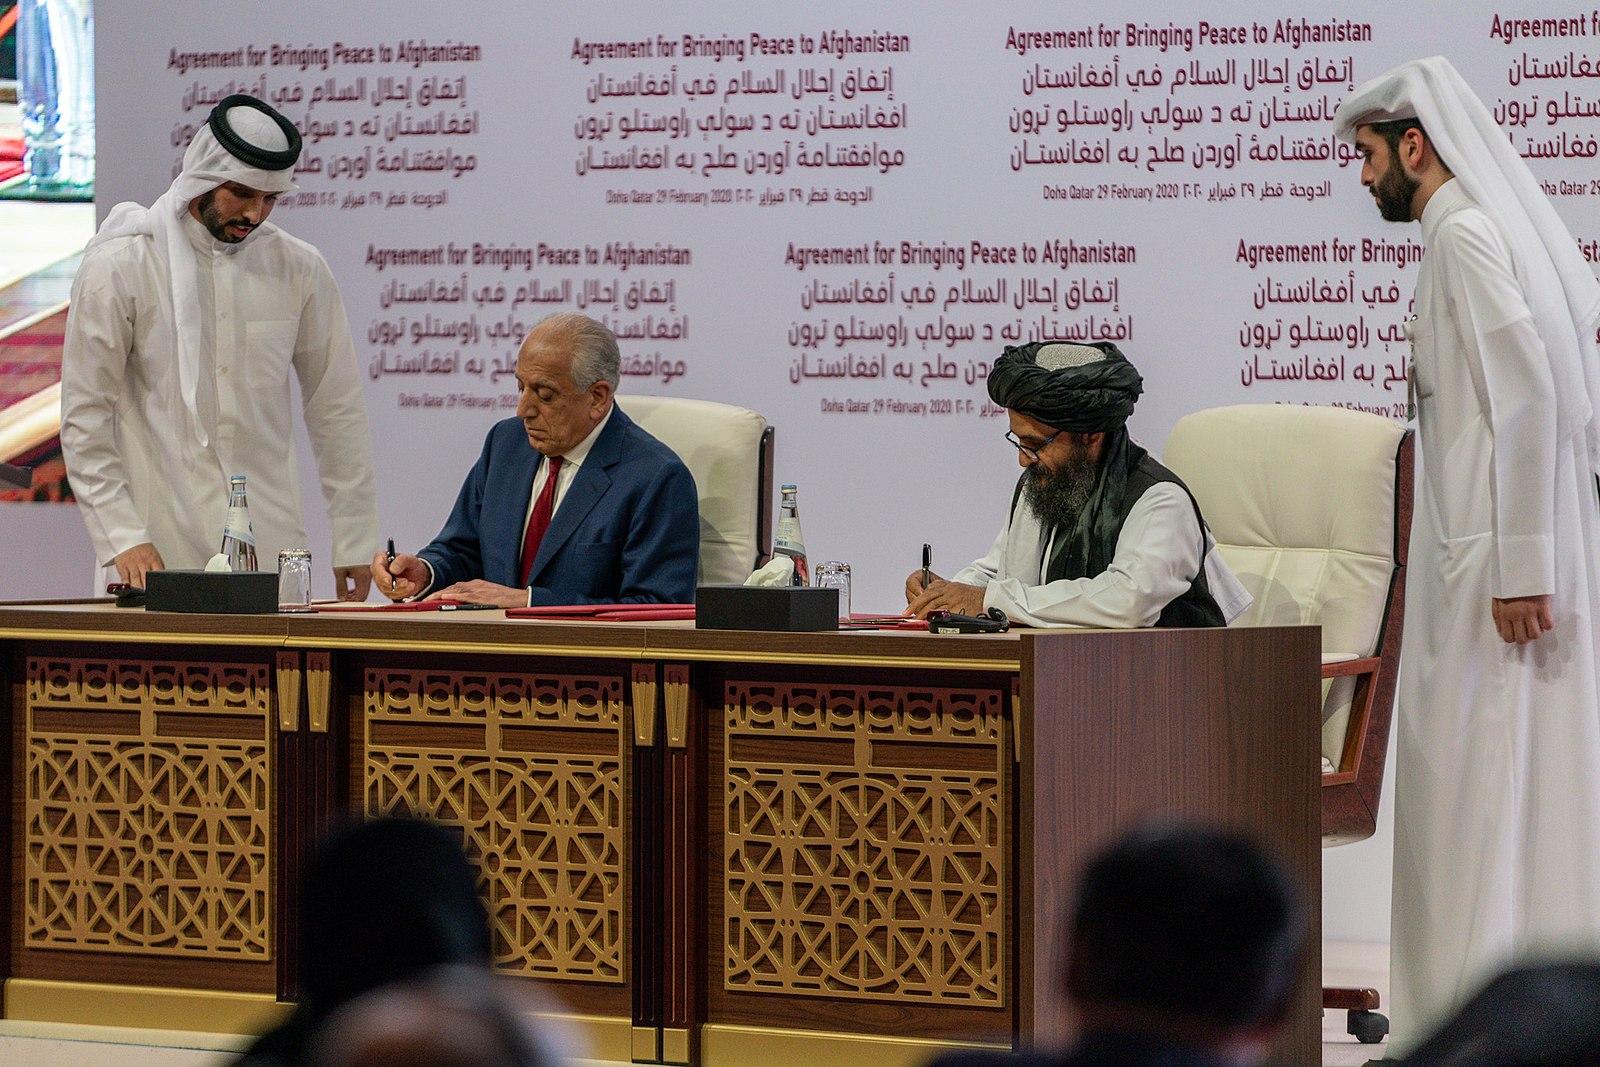 Der prekäre Zustand von Friedensbemühungen in Afghanistan